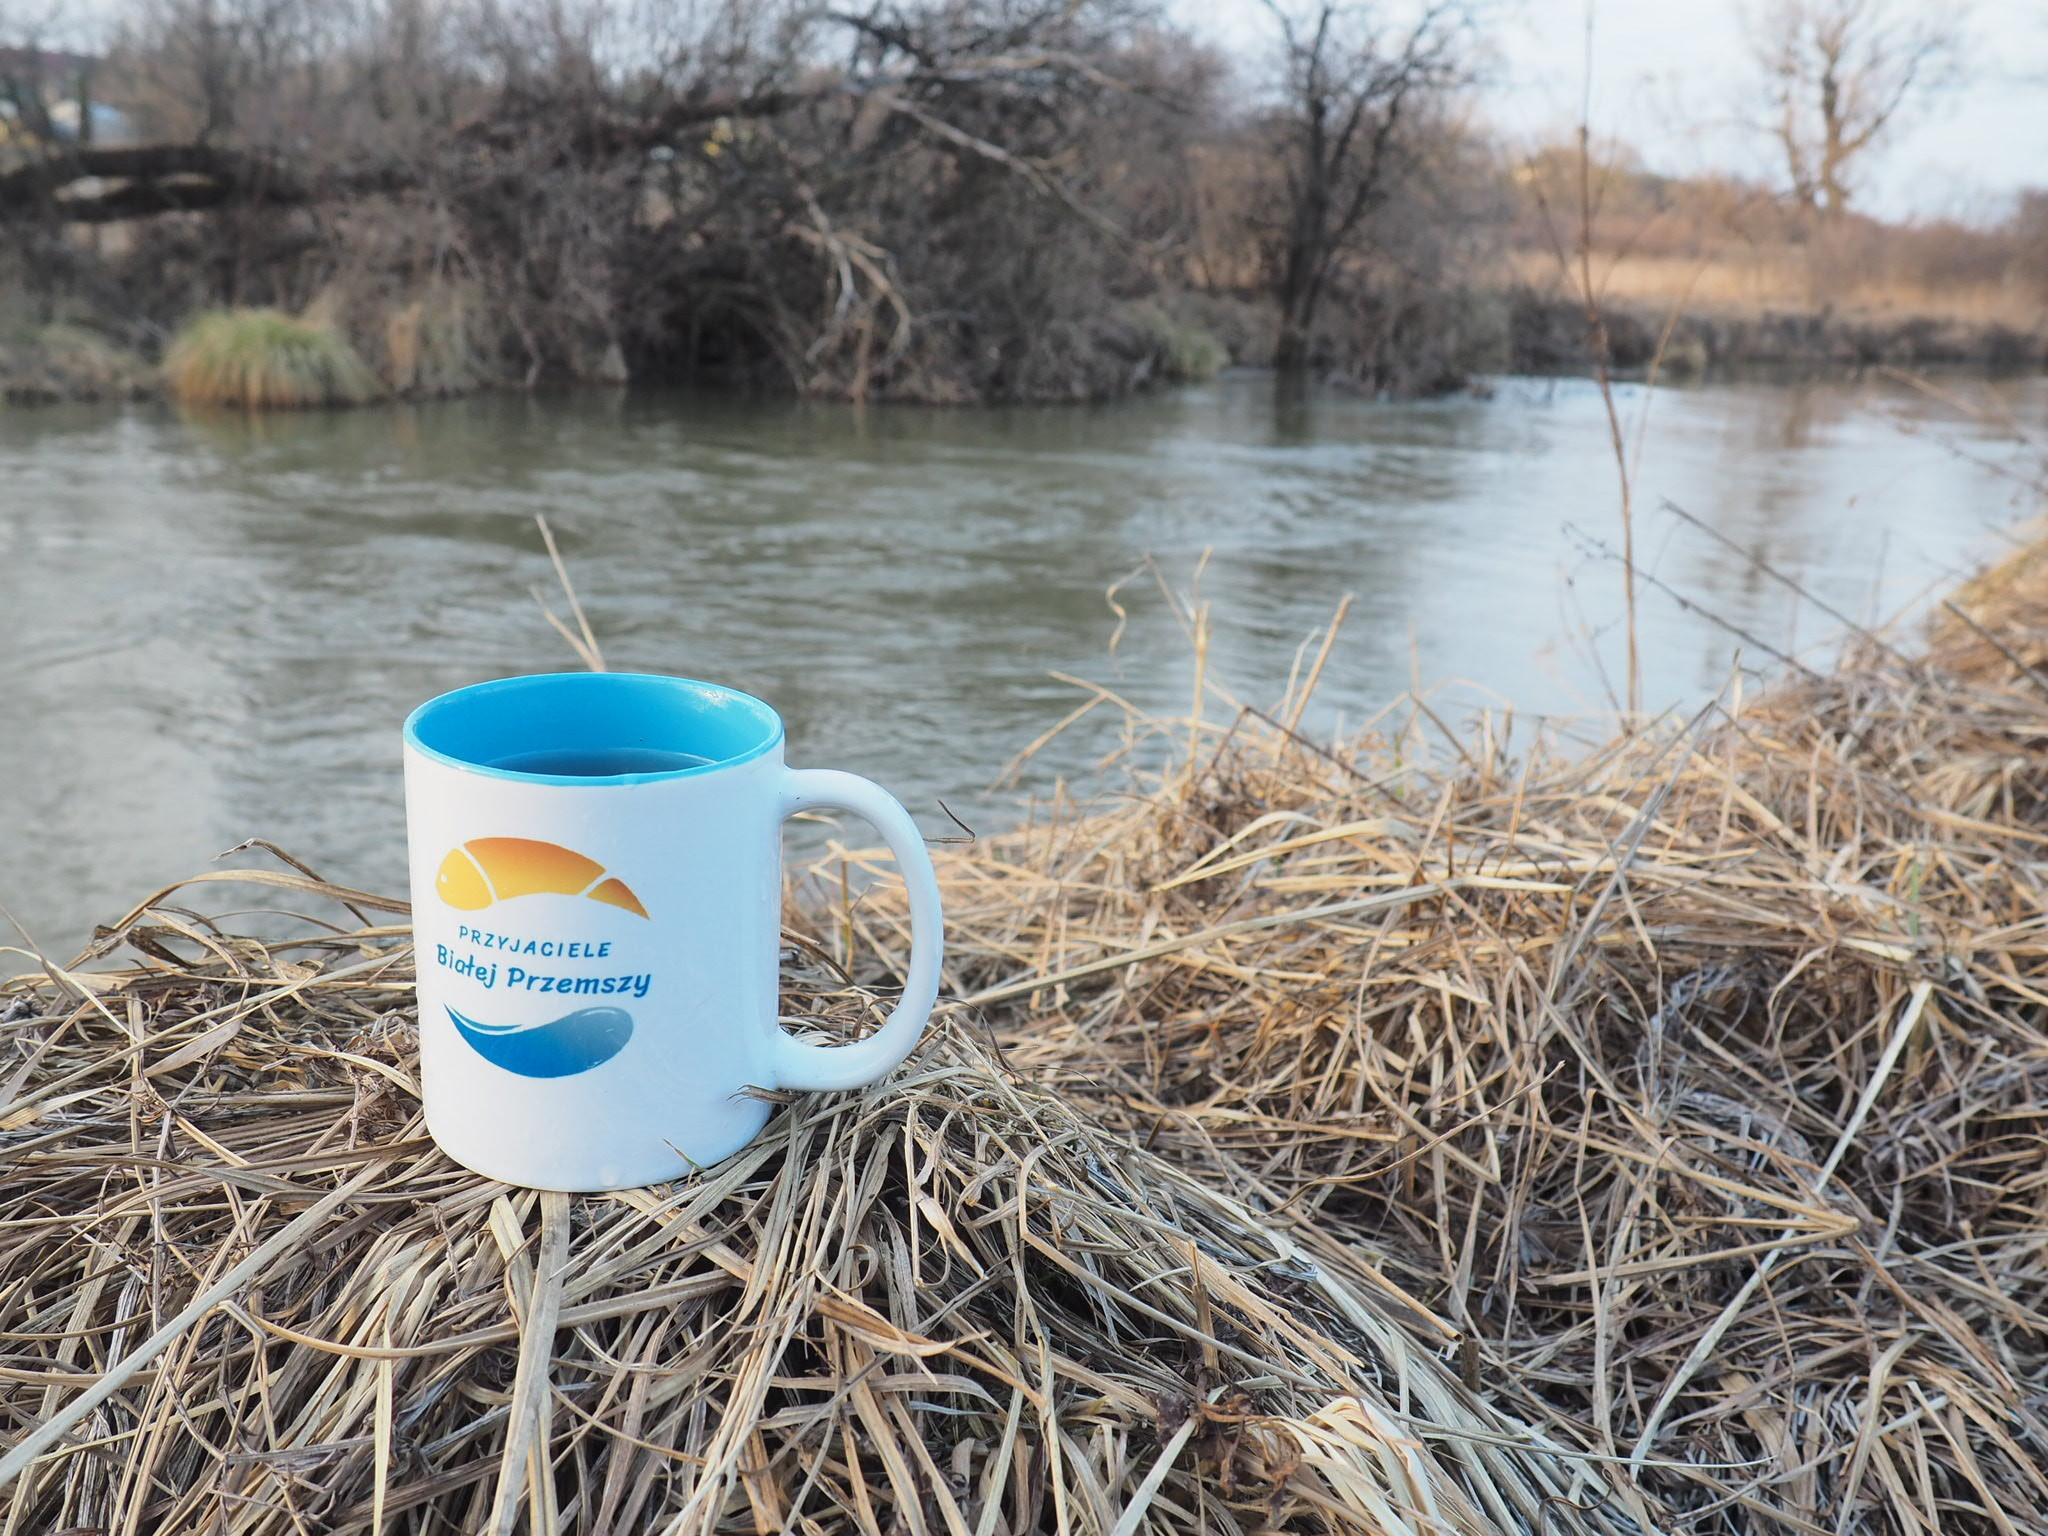 kawa nad rzeką